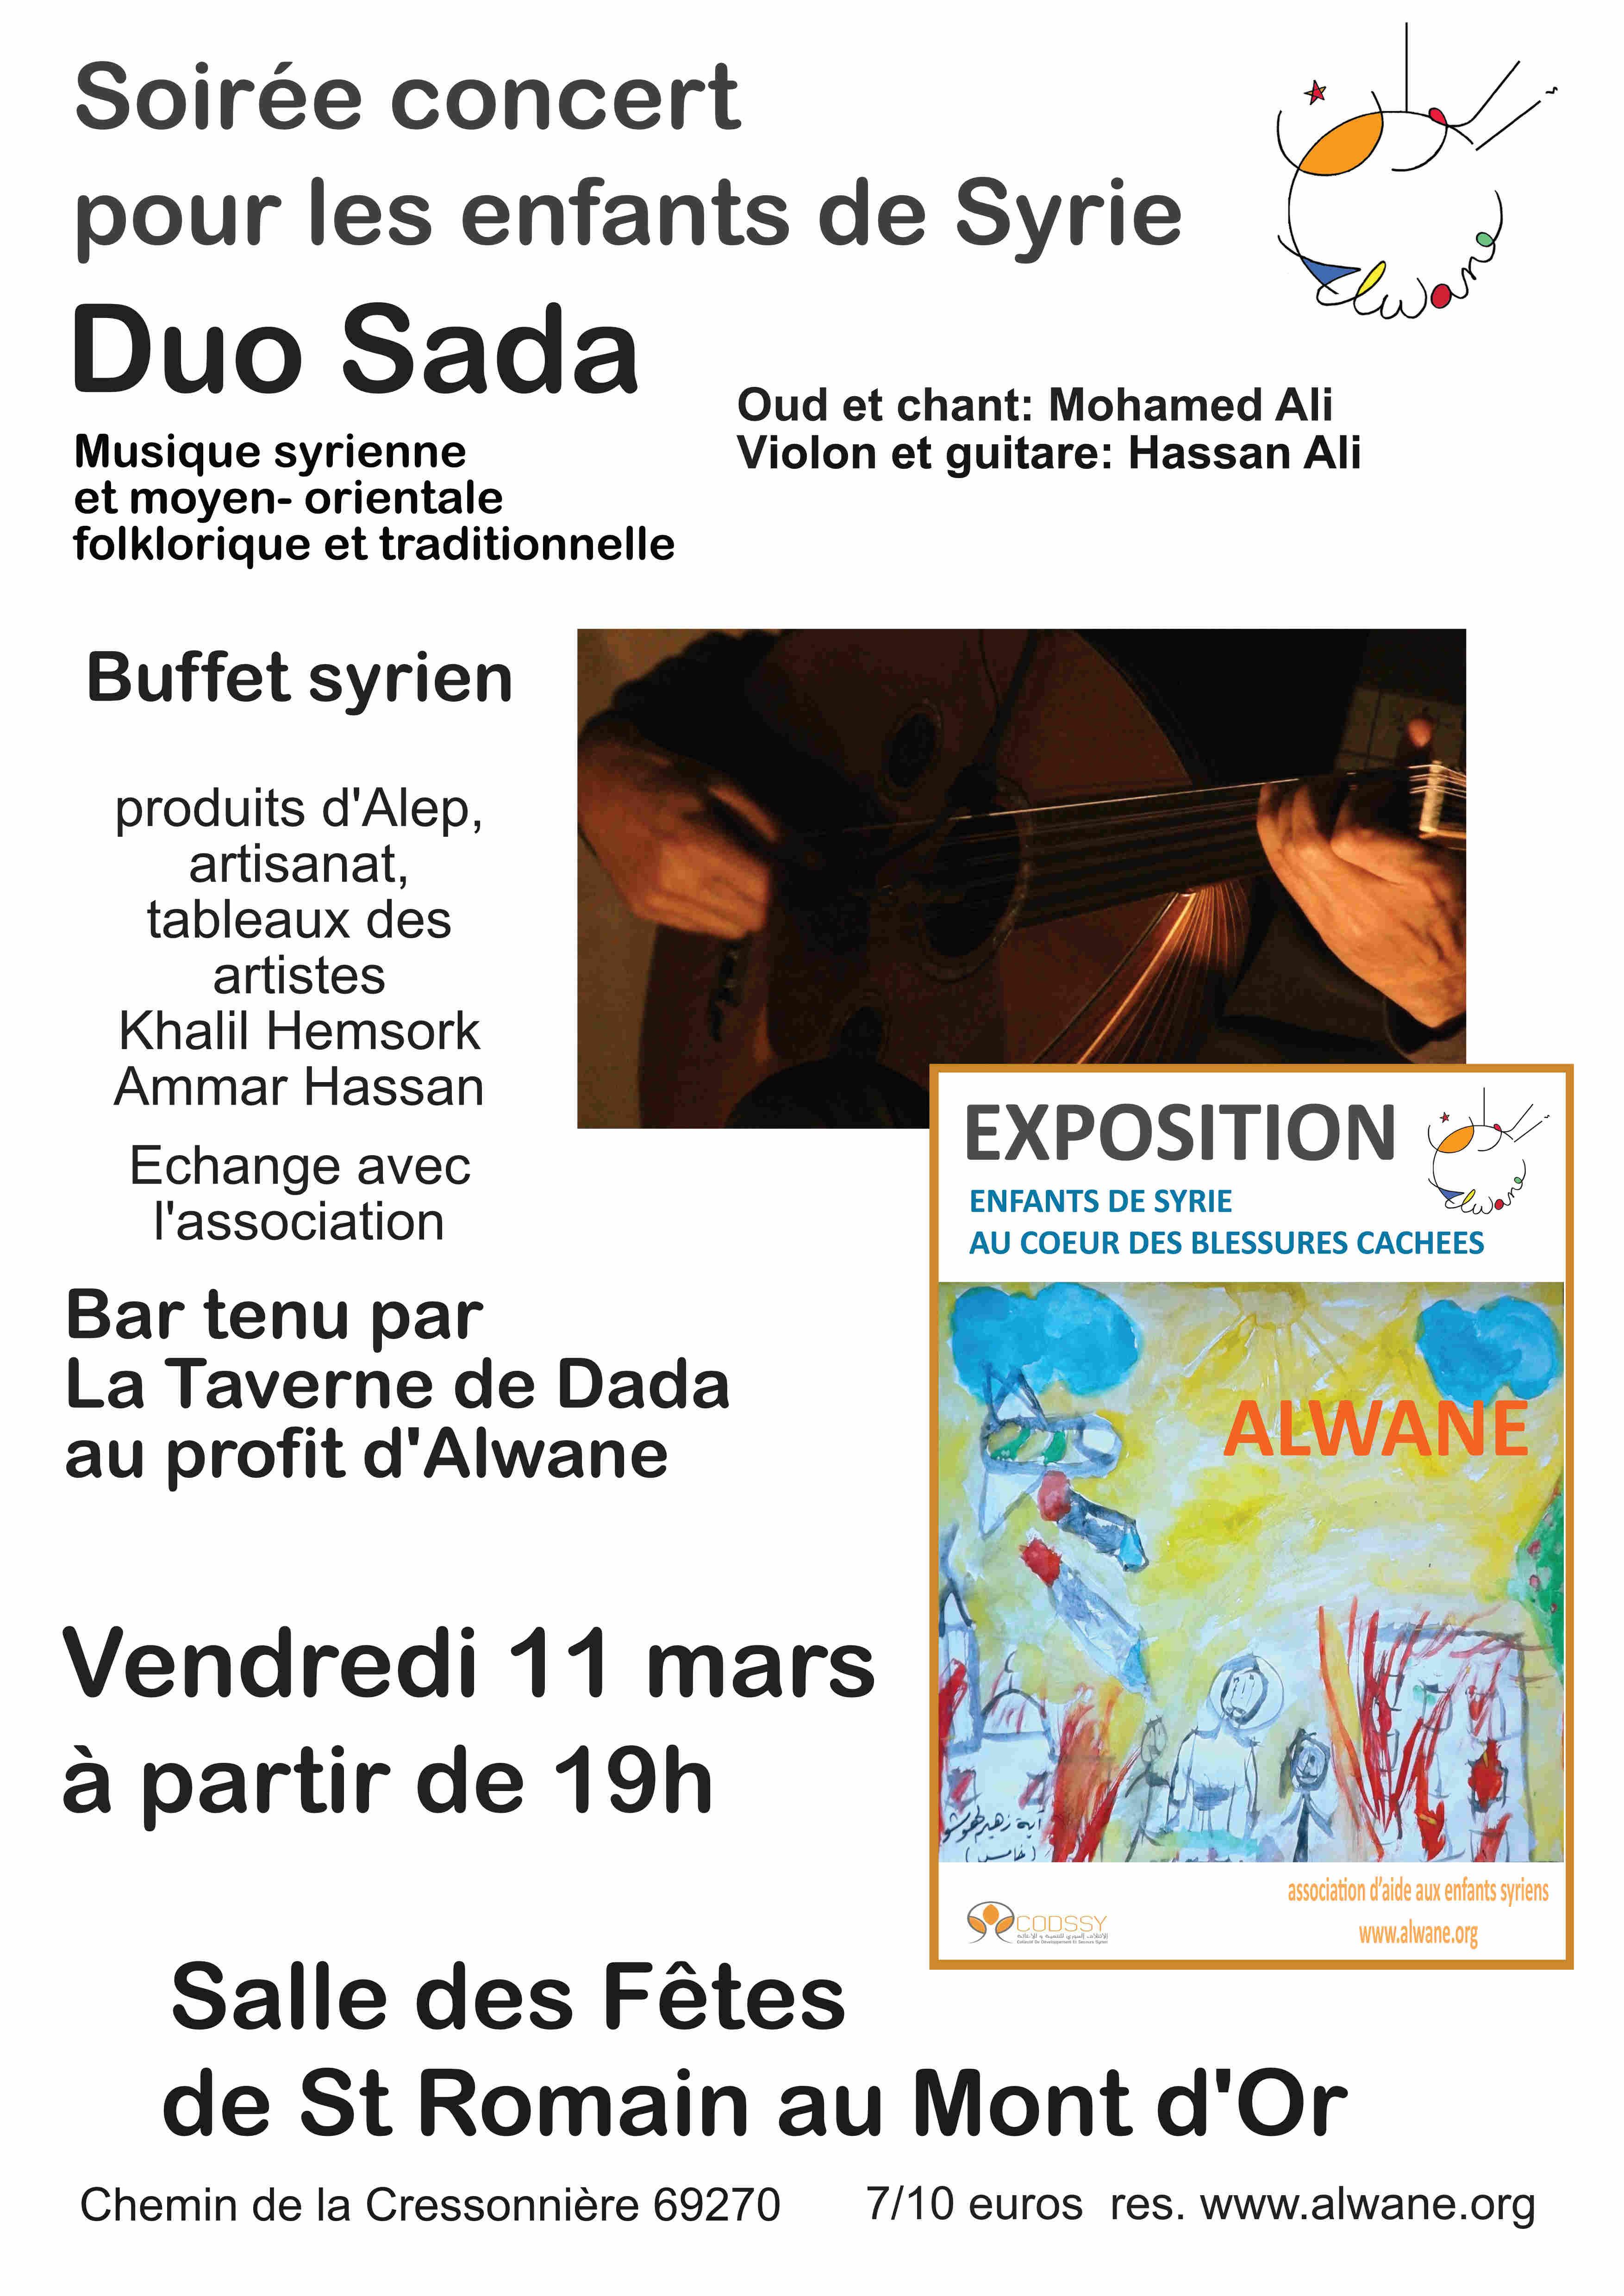 Soirée concert Duo Sada, au profit des enfants de Syrie